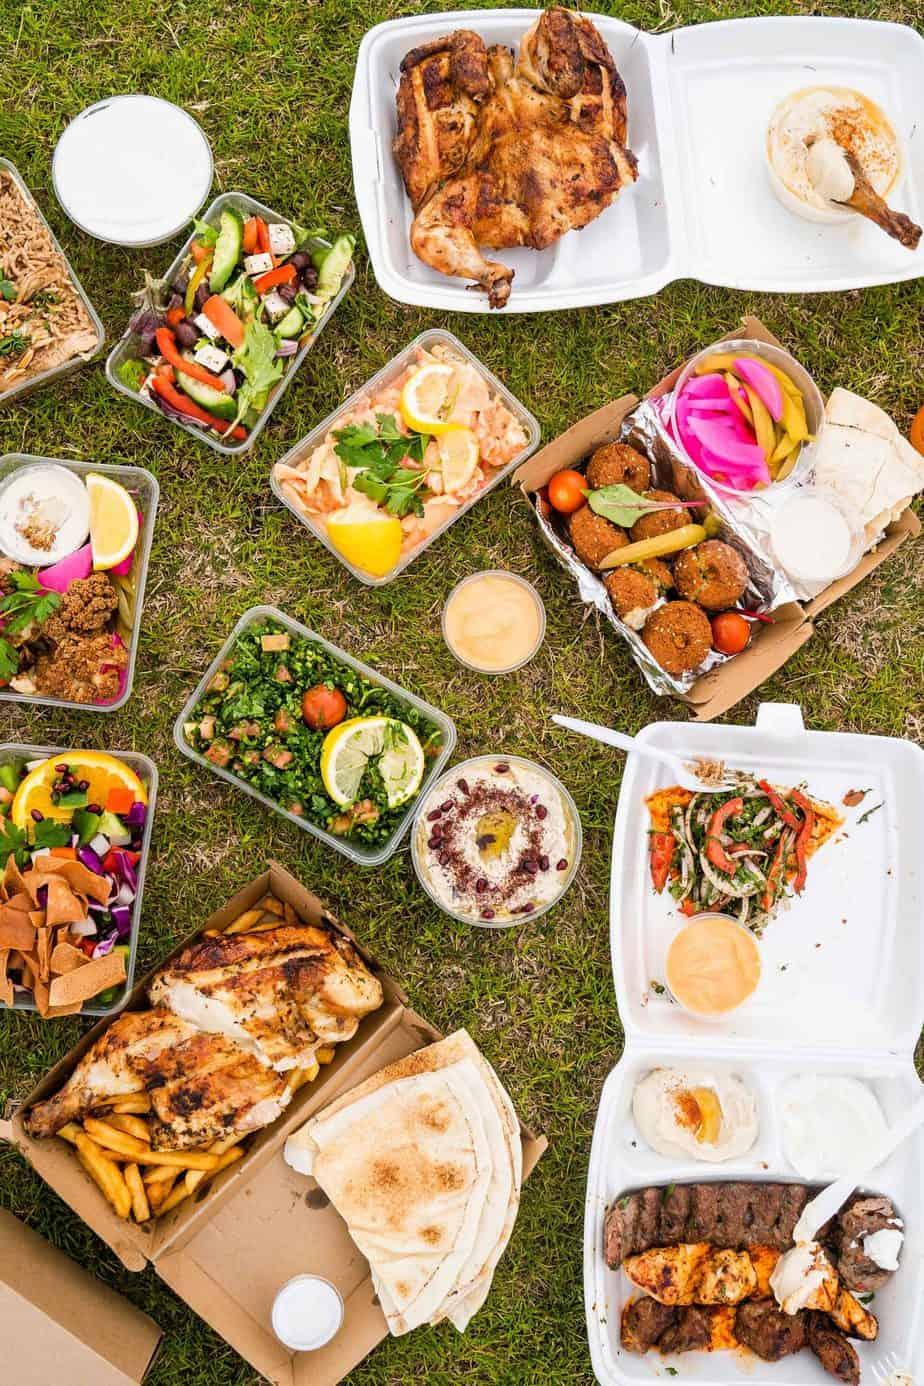 Food_francesca_bandiera_picnic_1